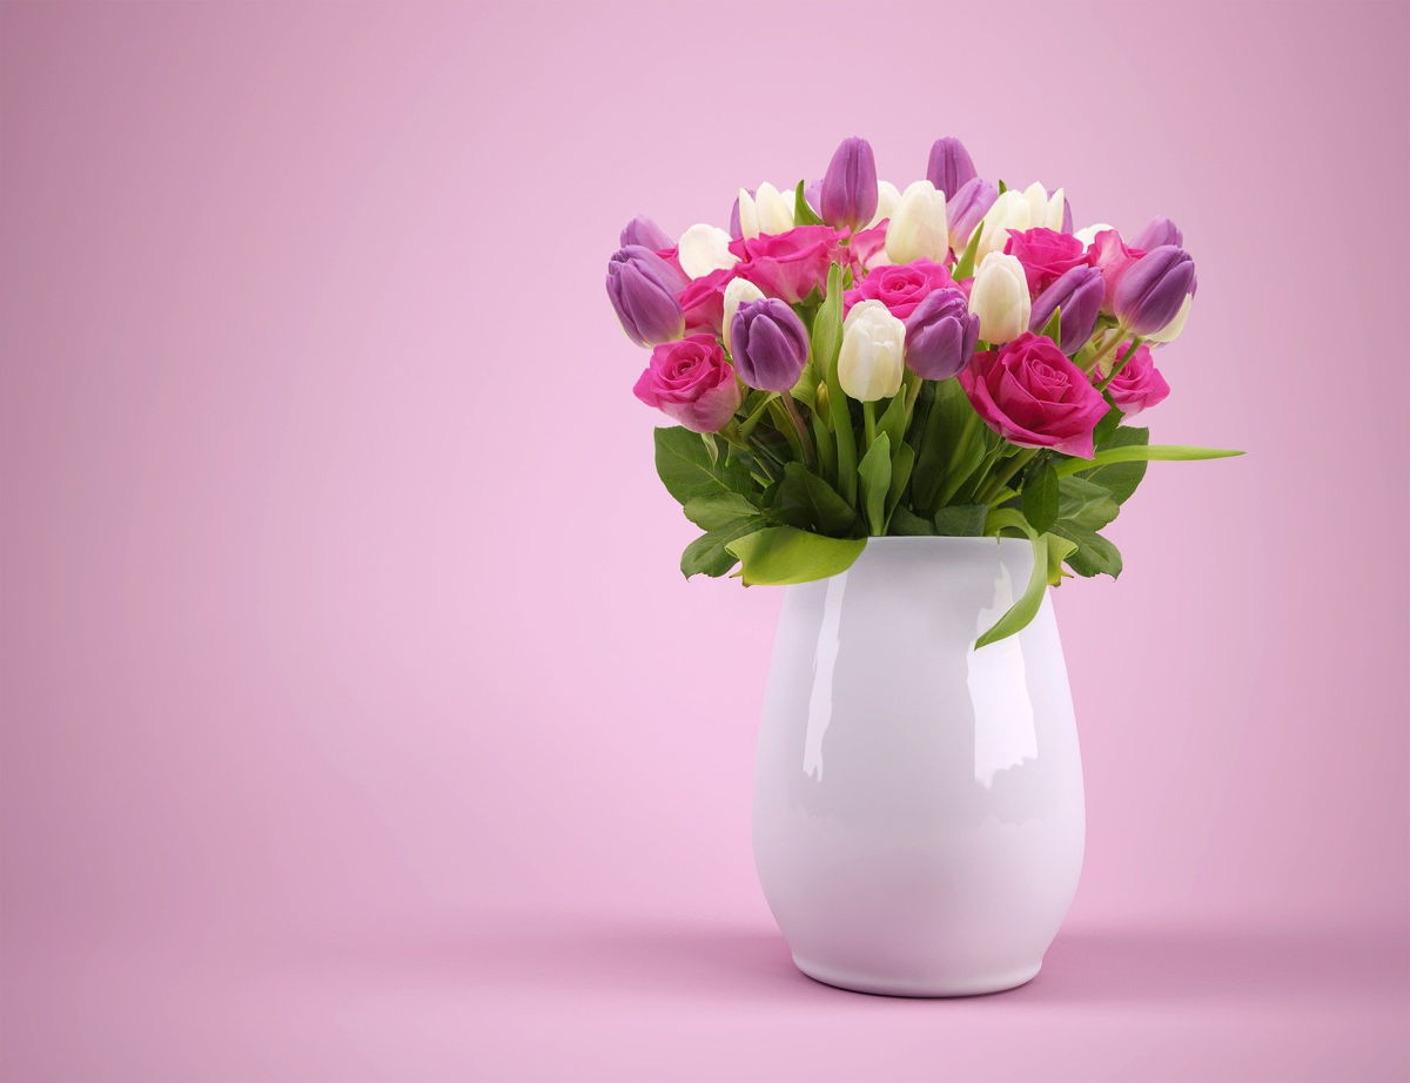 Eneco fait don de 1.000 bouquets de fleurs à ceux qui le méritent le plus